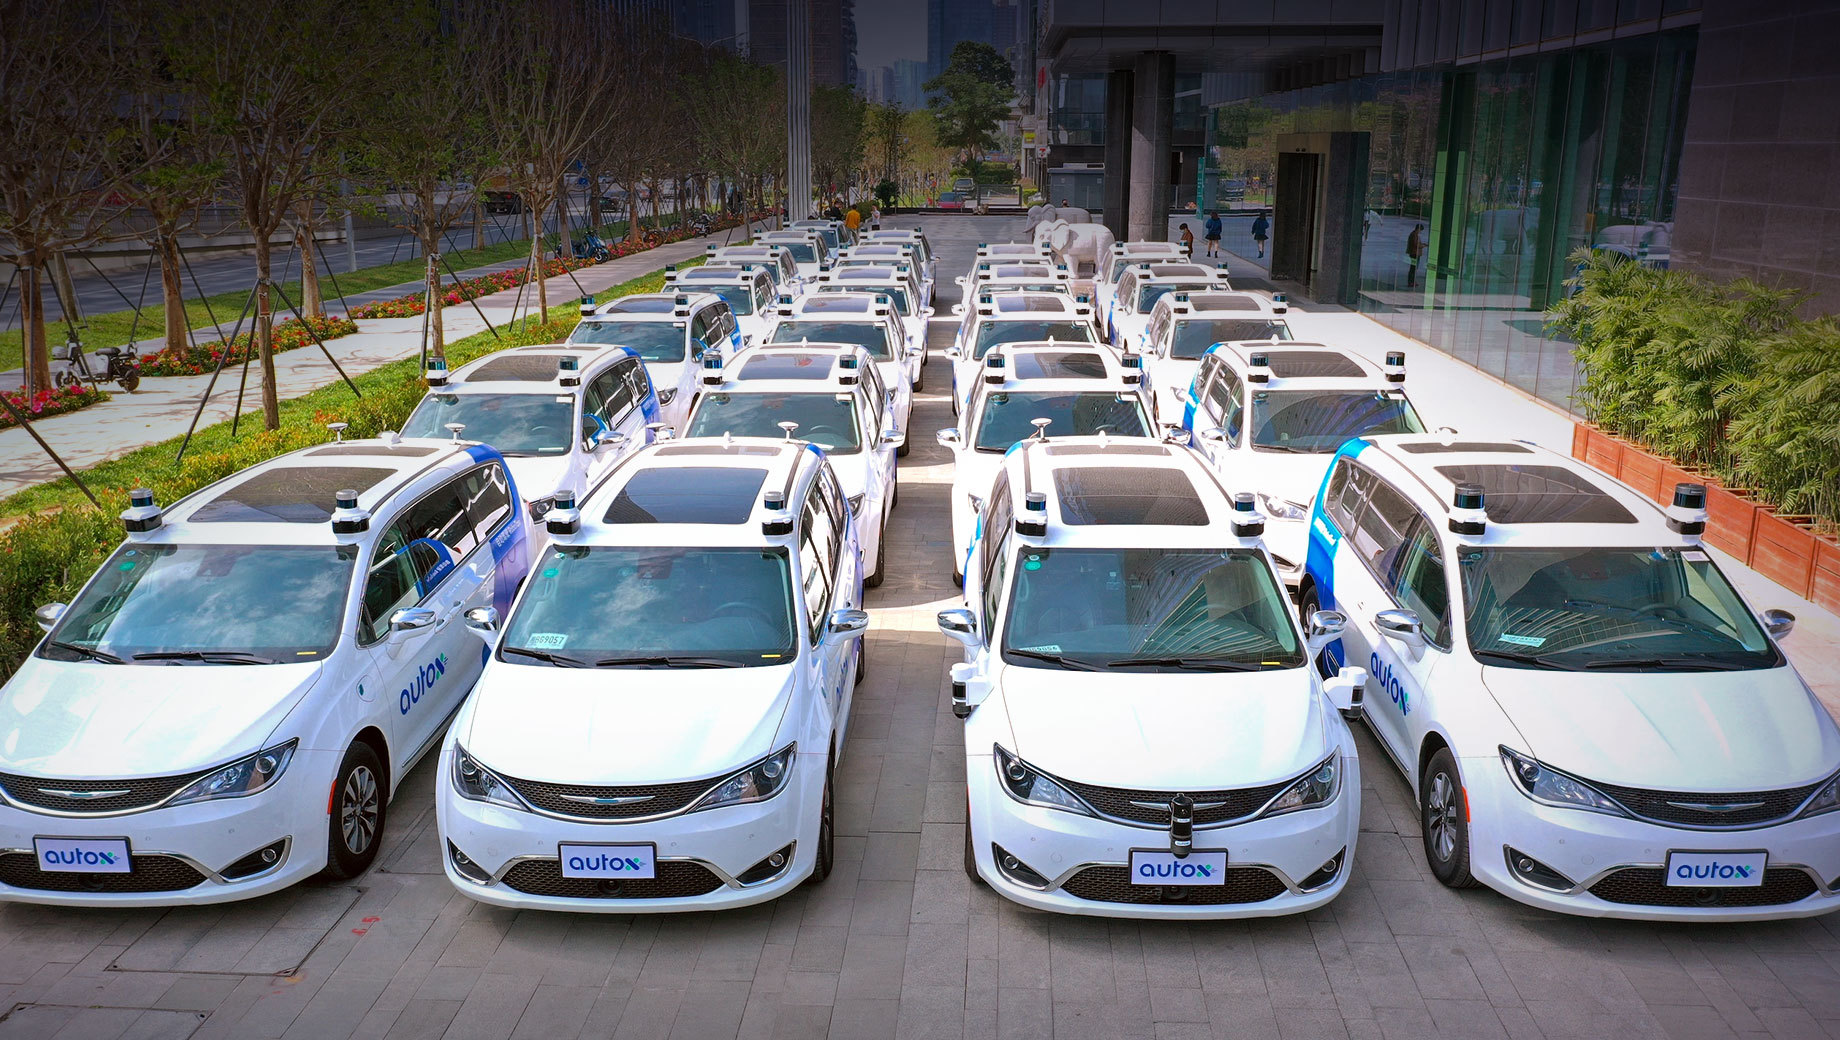 Роботакси AutoX впервые выехали на улицы Китая без водителей